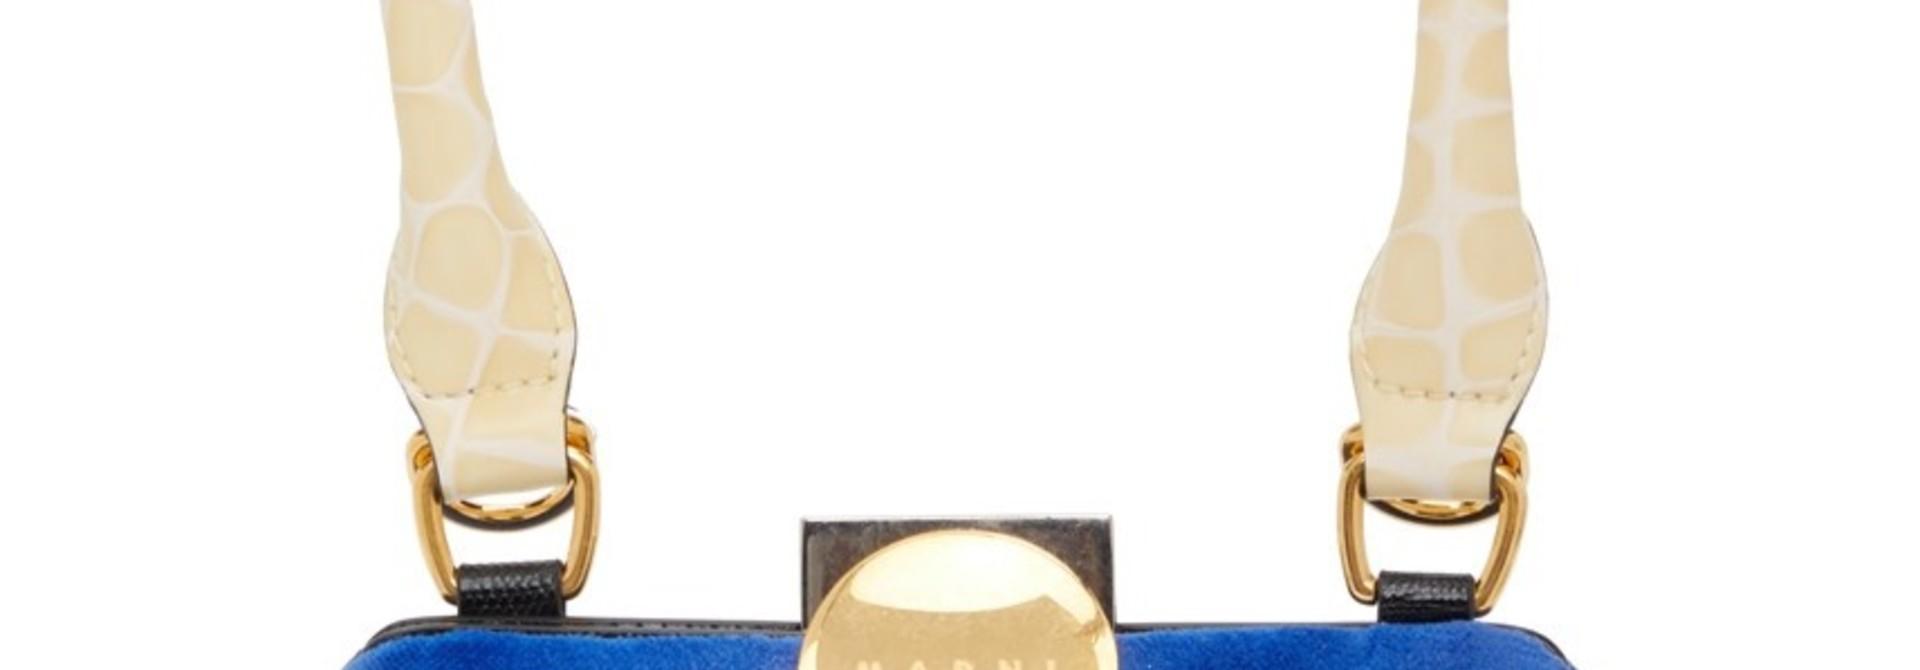 Bag - Blue Velvet Mini bag